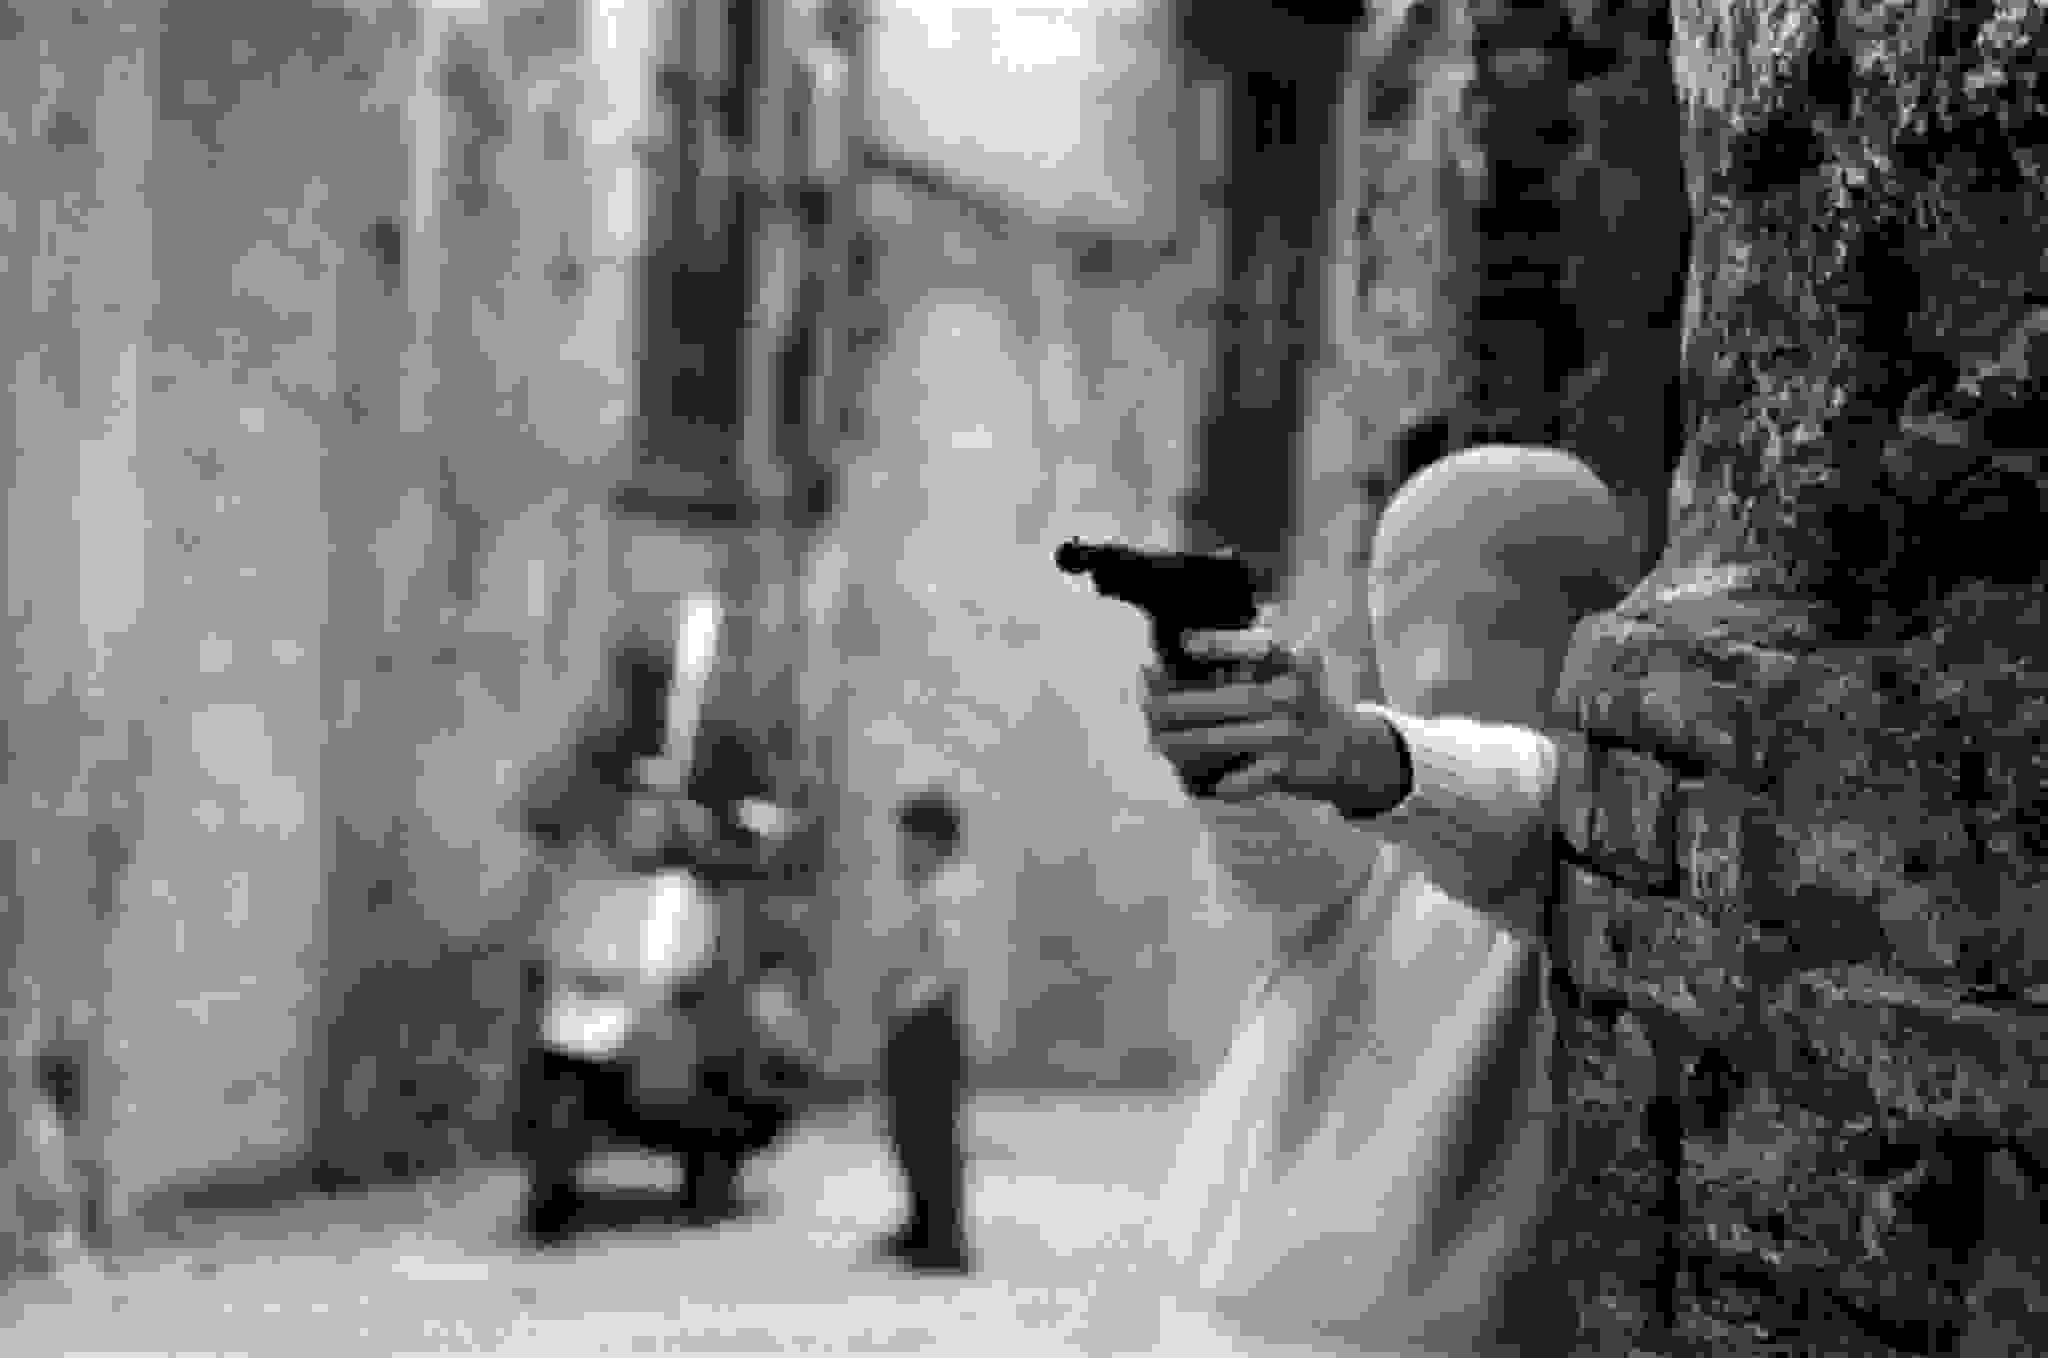 """Letizia Battaglia apontou a câmara à Máfia e o seu gatilho fez """"click"""""""